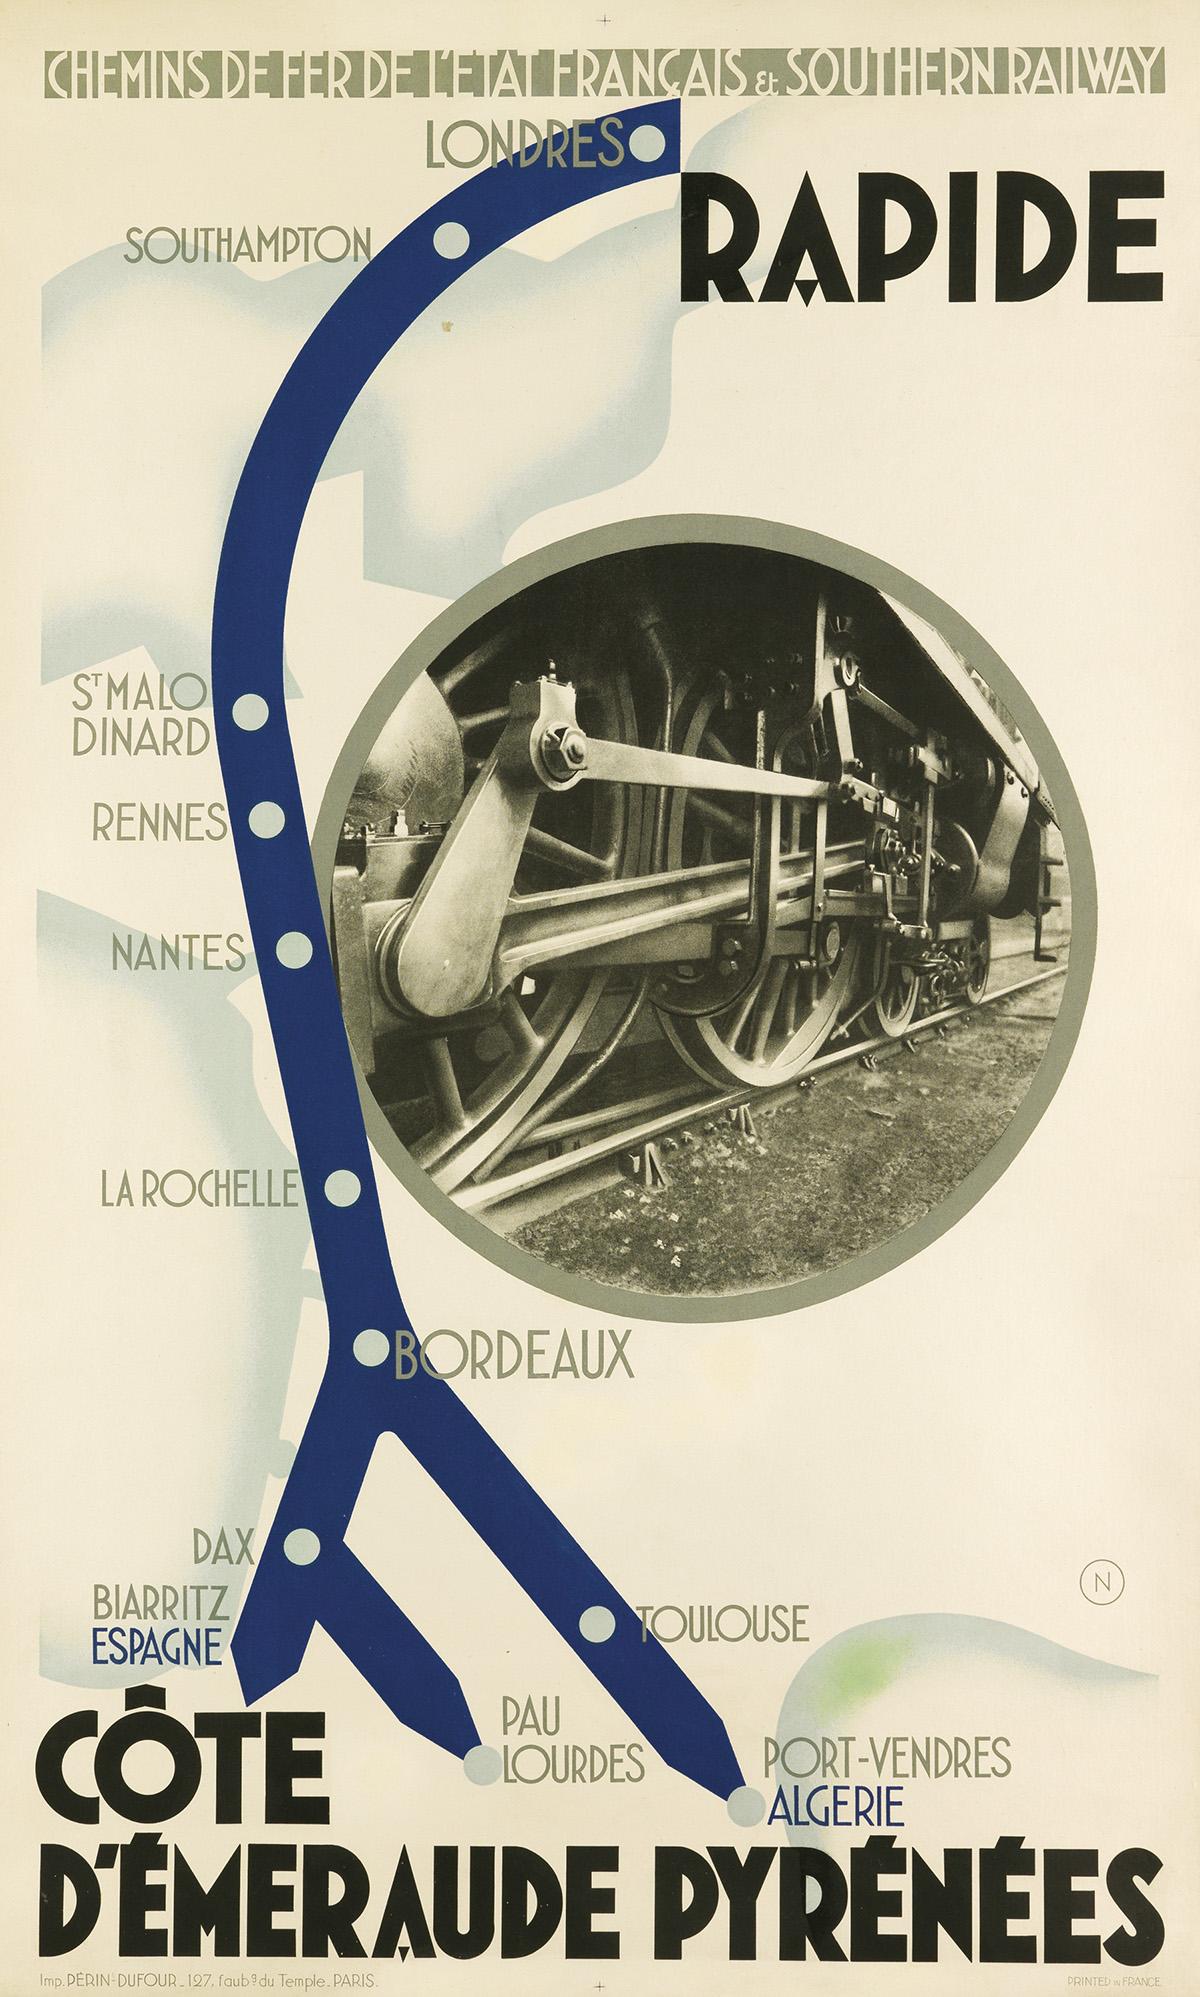 N-(ARTIST-UNKNOWN)-RAPIDE--CÔTE-DÉMERAUDE-PYRÉNÉES-1932-39x2